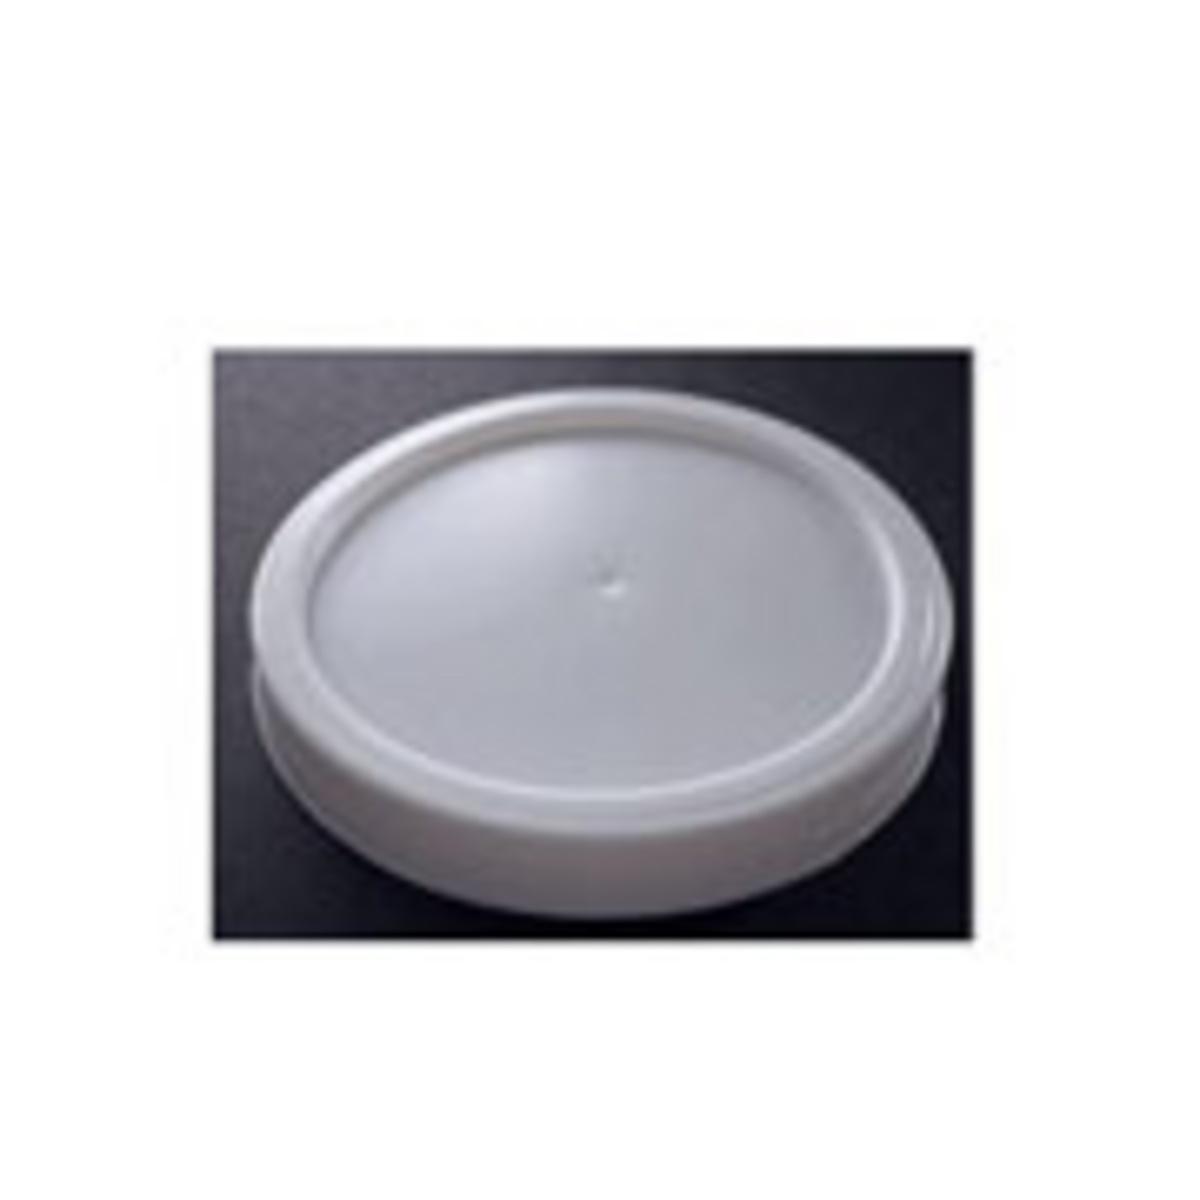 Couvercle plat pour gobelet 12 cl blanc plastique Ø 6,20 cm Hot Cup Huhtamaki (100 pièces)